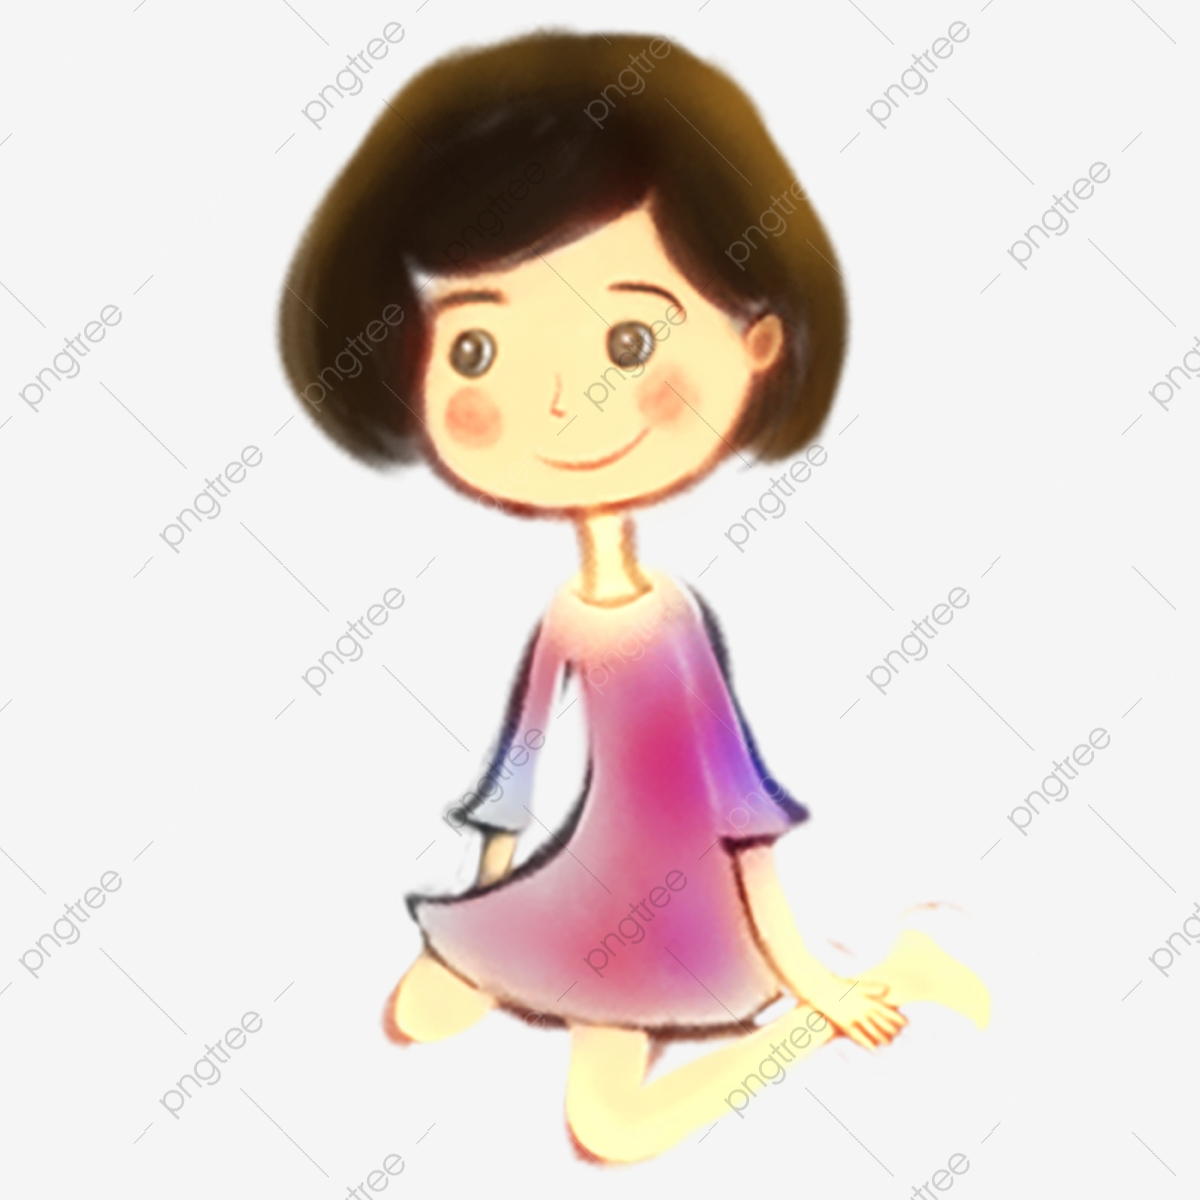 Gambar Kartun Wanita Rambut Panjang Gambar Kartun Gadis Rambut Pendek Gadis Comel Gadis Kecoklatan Biru Ungu Panjang Kartun Gadis Cantik Rambut Pendek Yang Berlutut Wanita Png Dan Psd Untuk Muat Turun Percuma